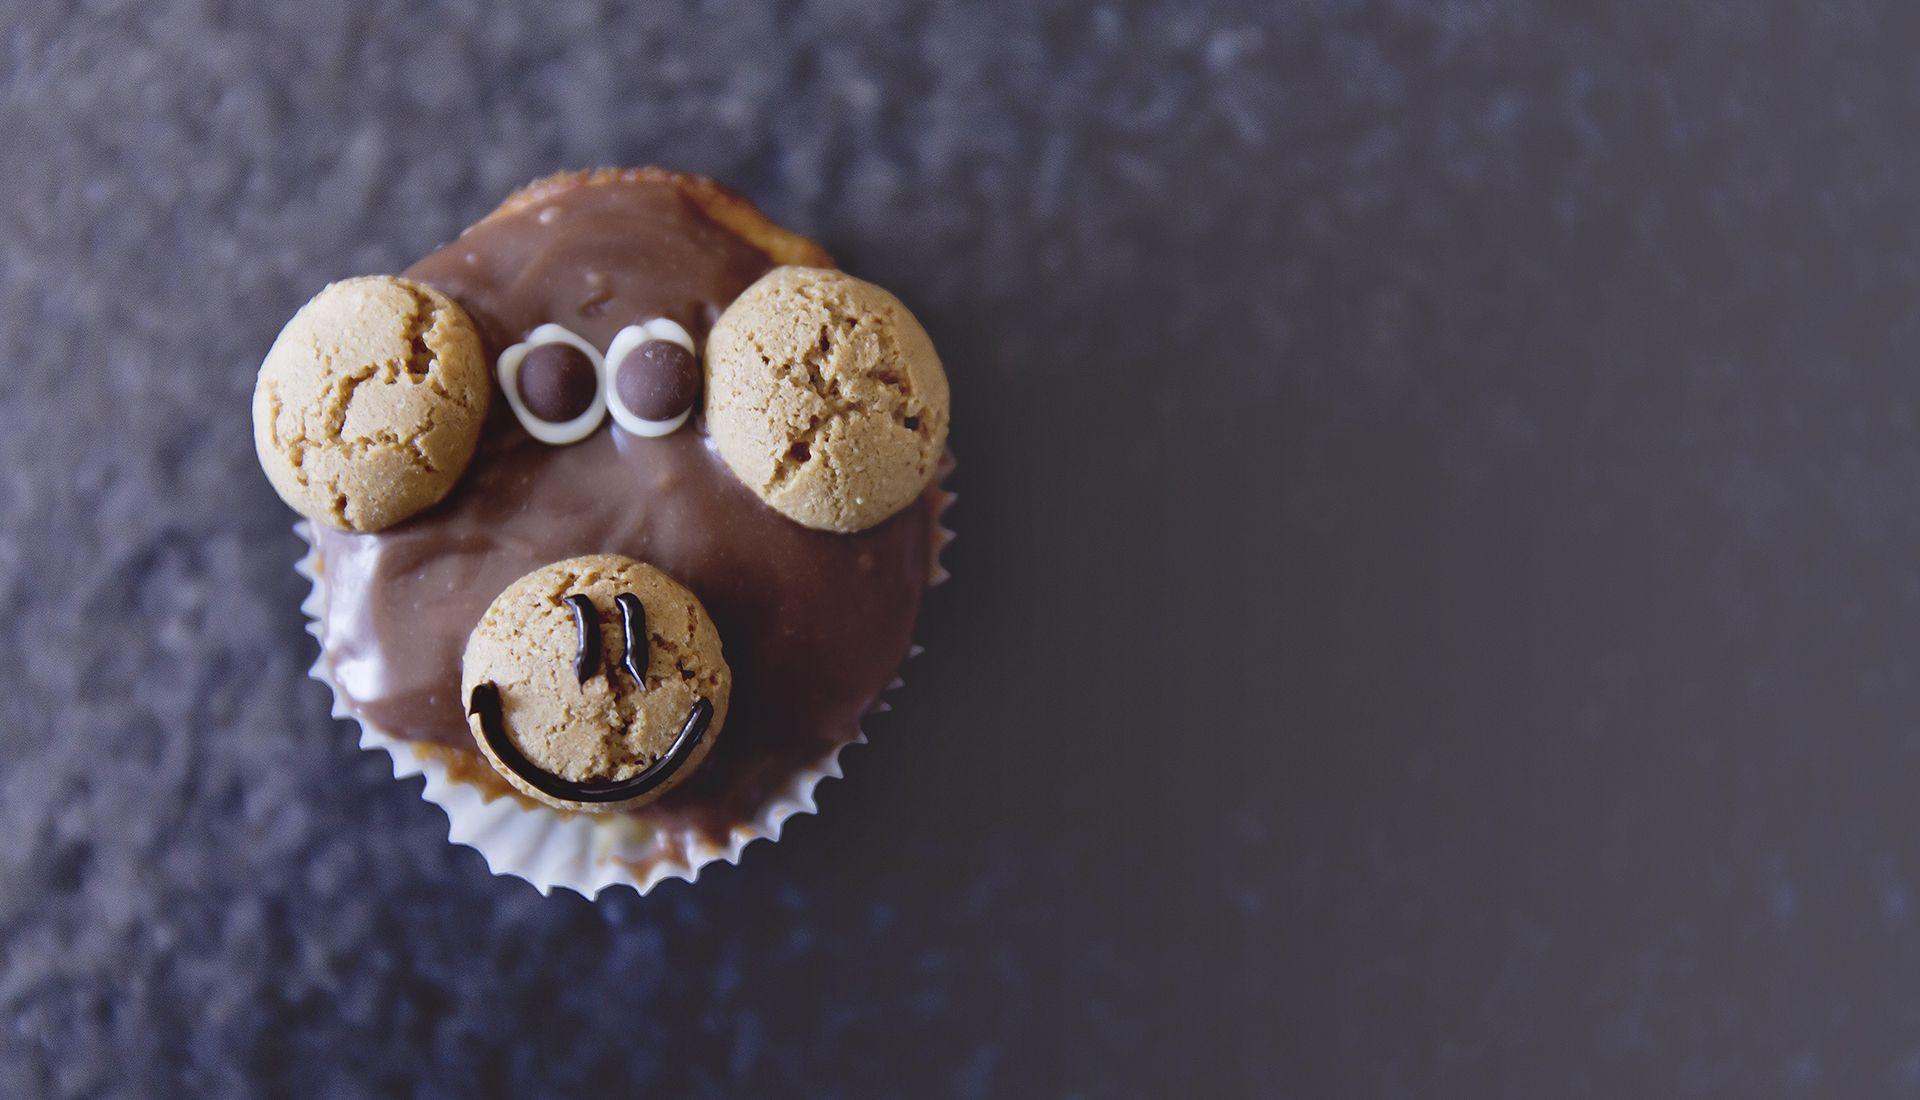 Schokoladen Muffin mit Keksten und Schokoladenglasur